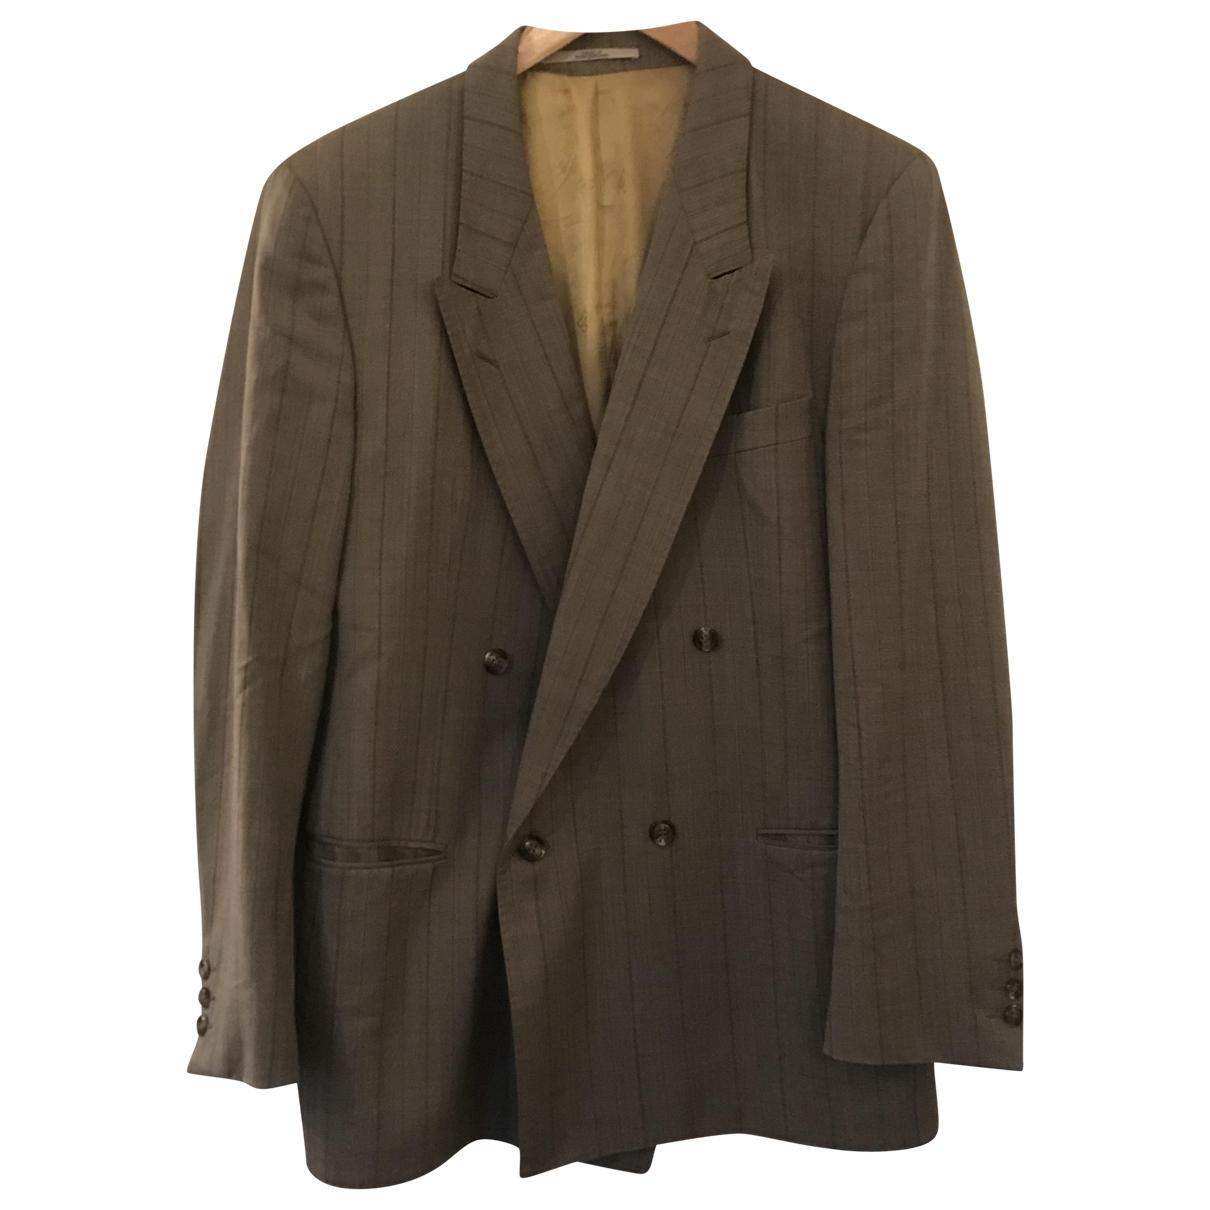 Givenchy - Vestes.Blousons   pour homme en laine - marron